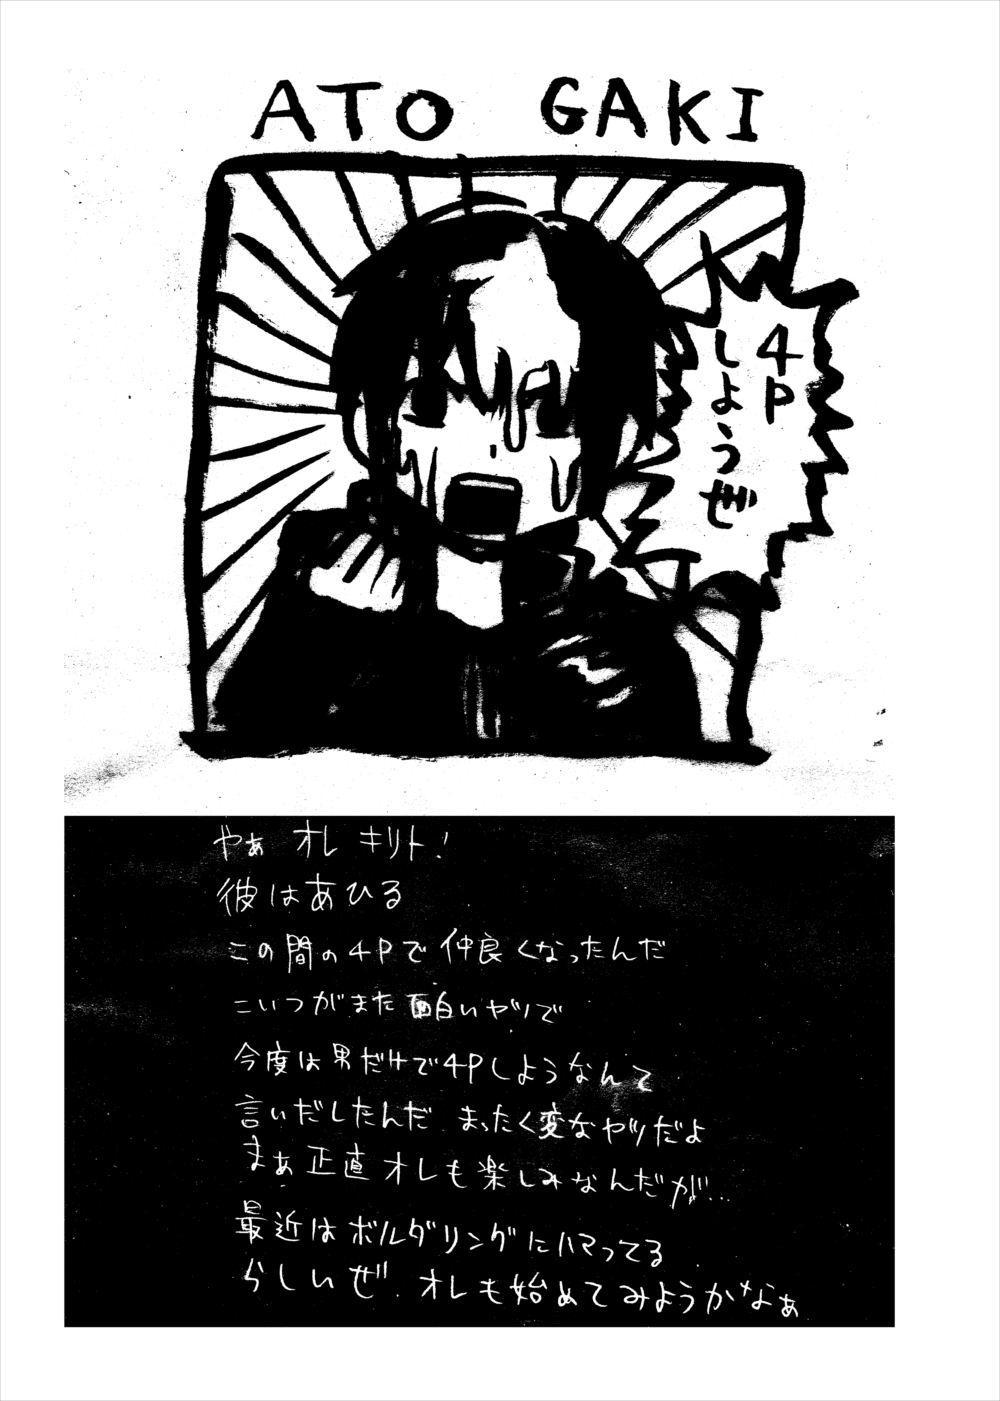 Lizbeth... Kirito ni wa Suterare, Kyaku ni wa Okasare Nakadashi Ninshin... Asuna to no Kakusa ga Hirogaru Online 22